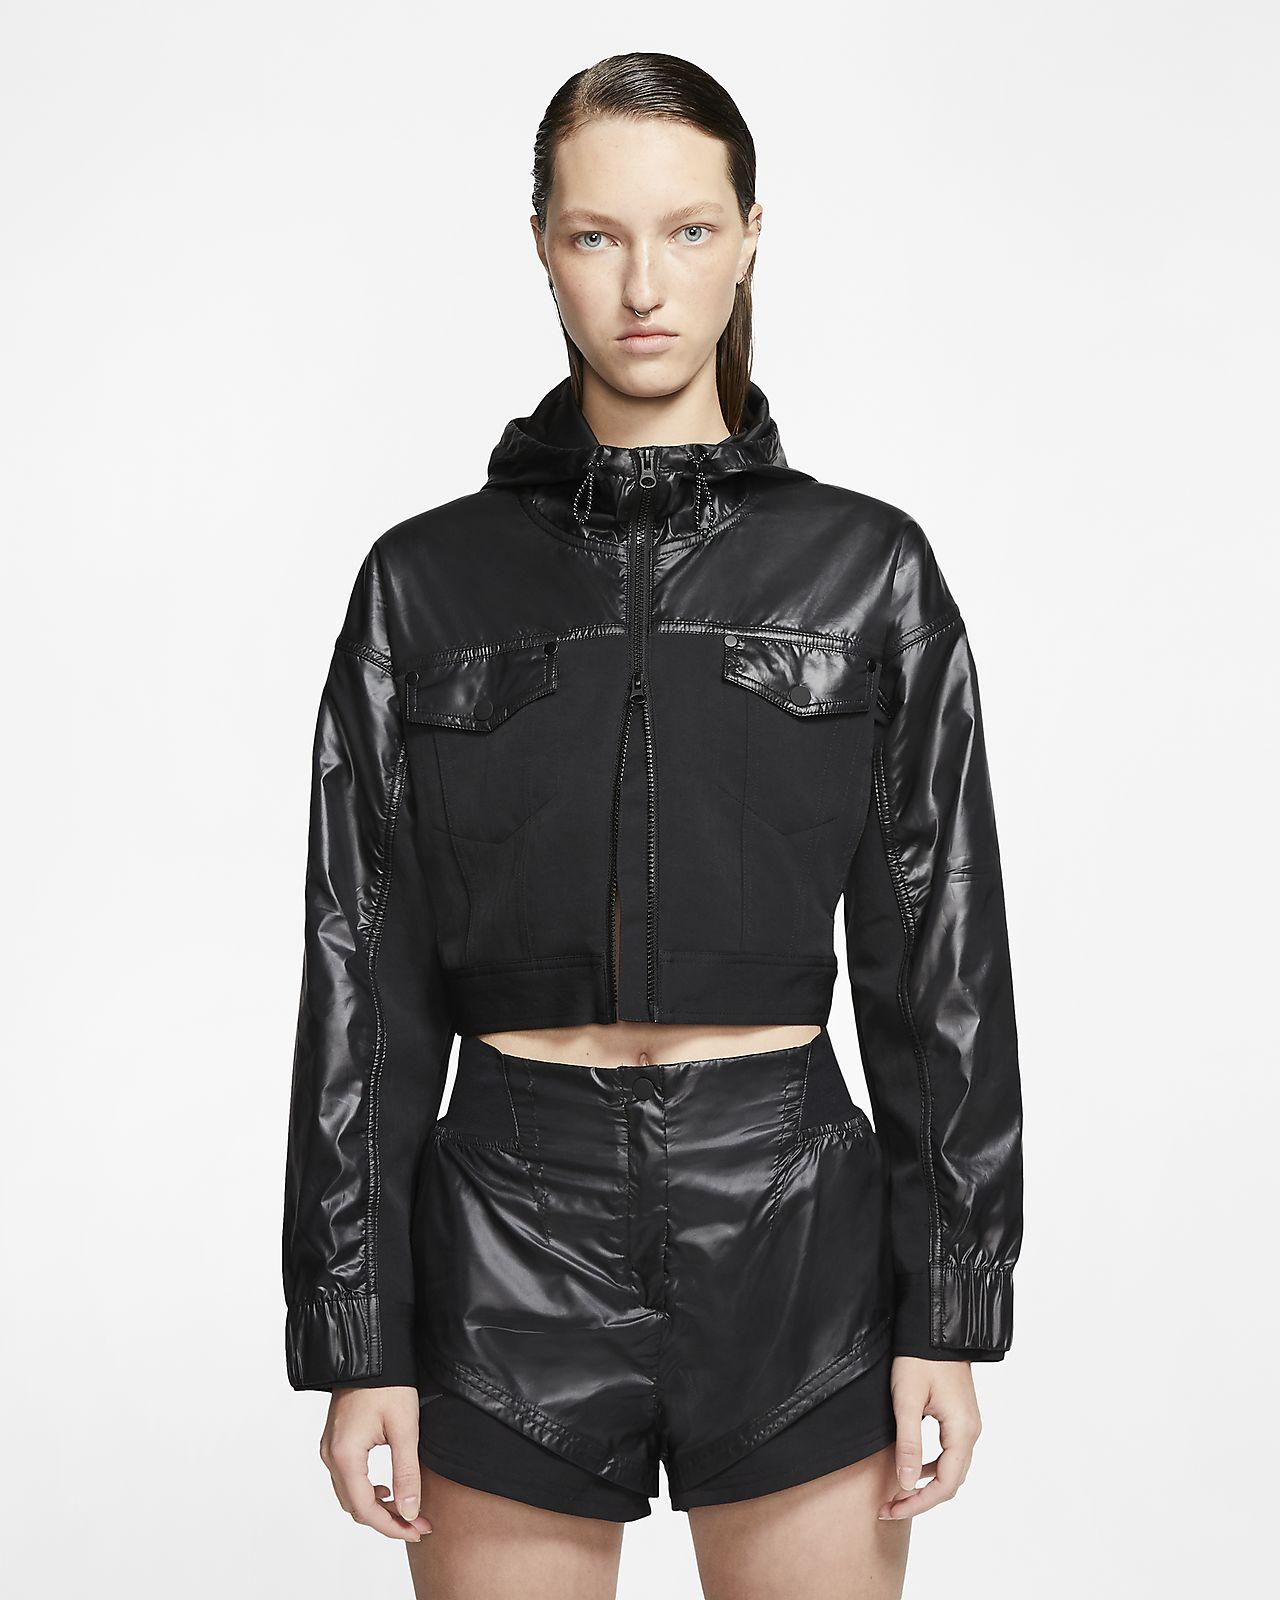 Nike Sportswear City Ready Women's Cropped Jacket